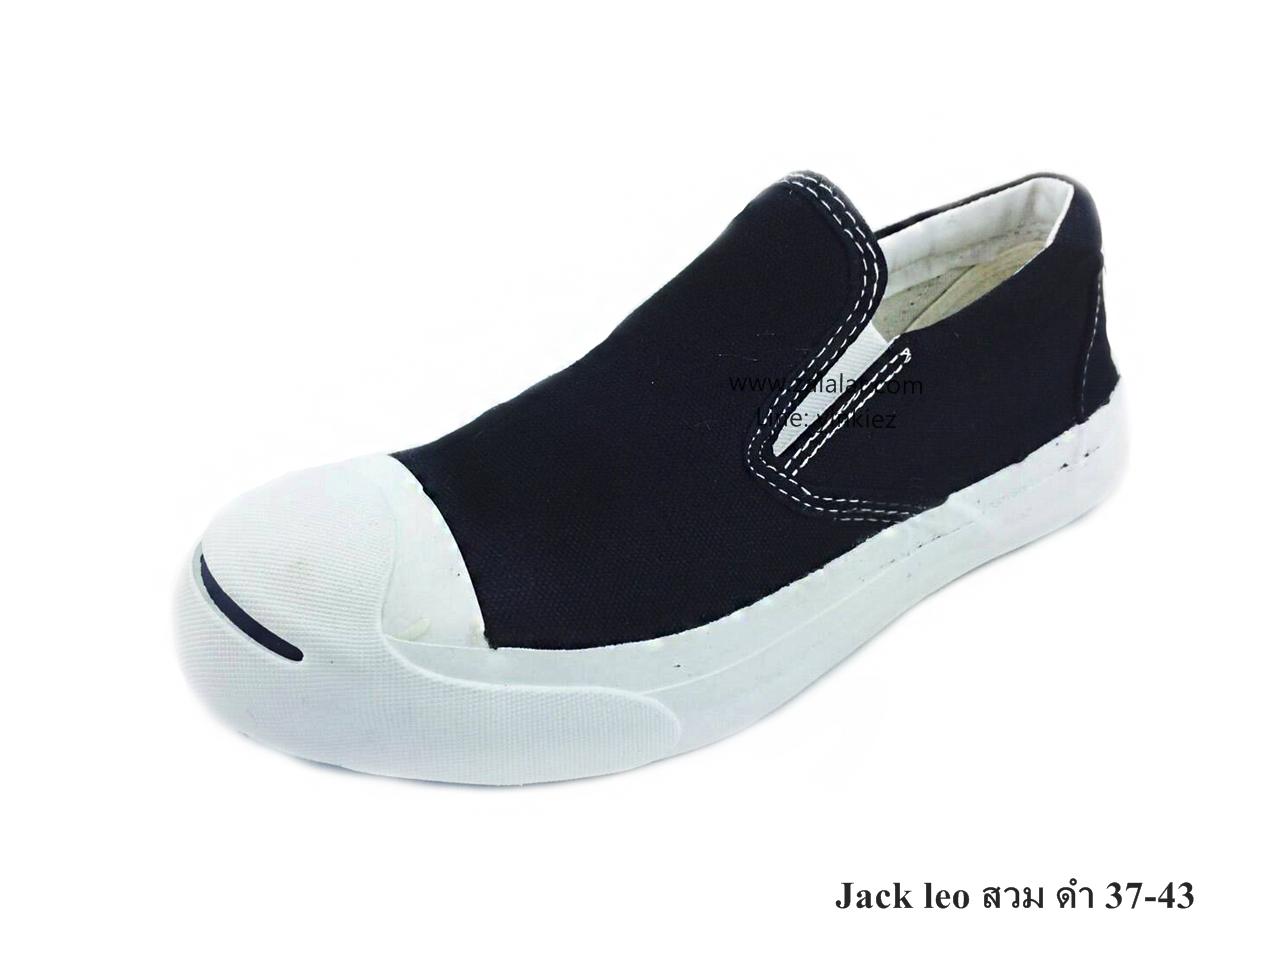 [พร้อมส่ง] รองเท้าผ้าใบแฟชั่น รุ่น Jack Leo แบบสวม สีดำ